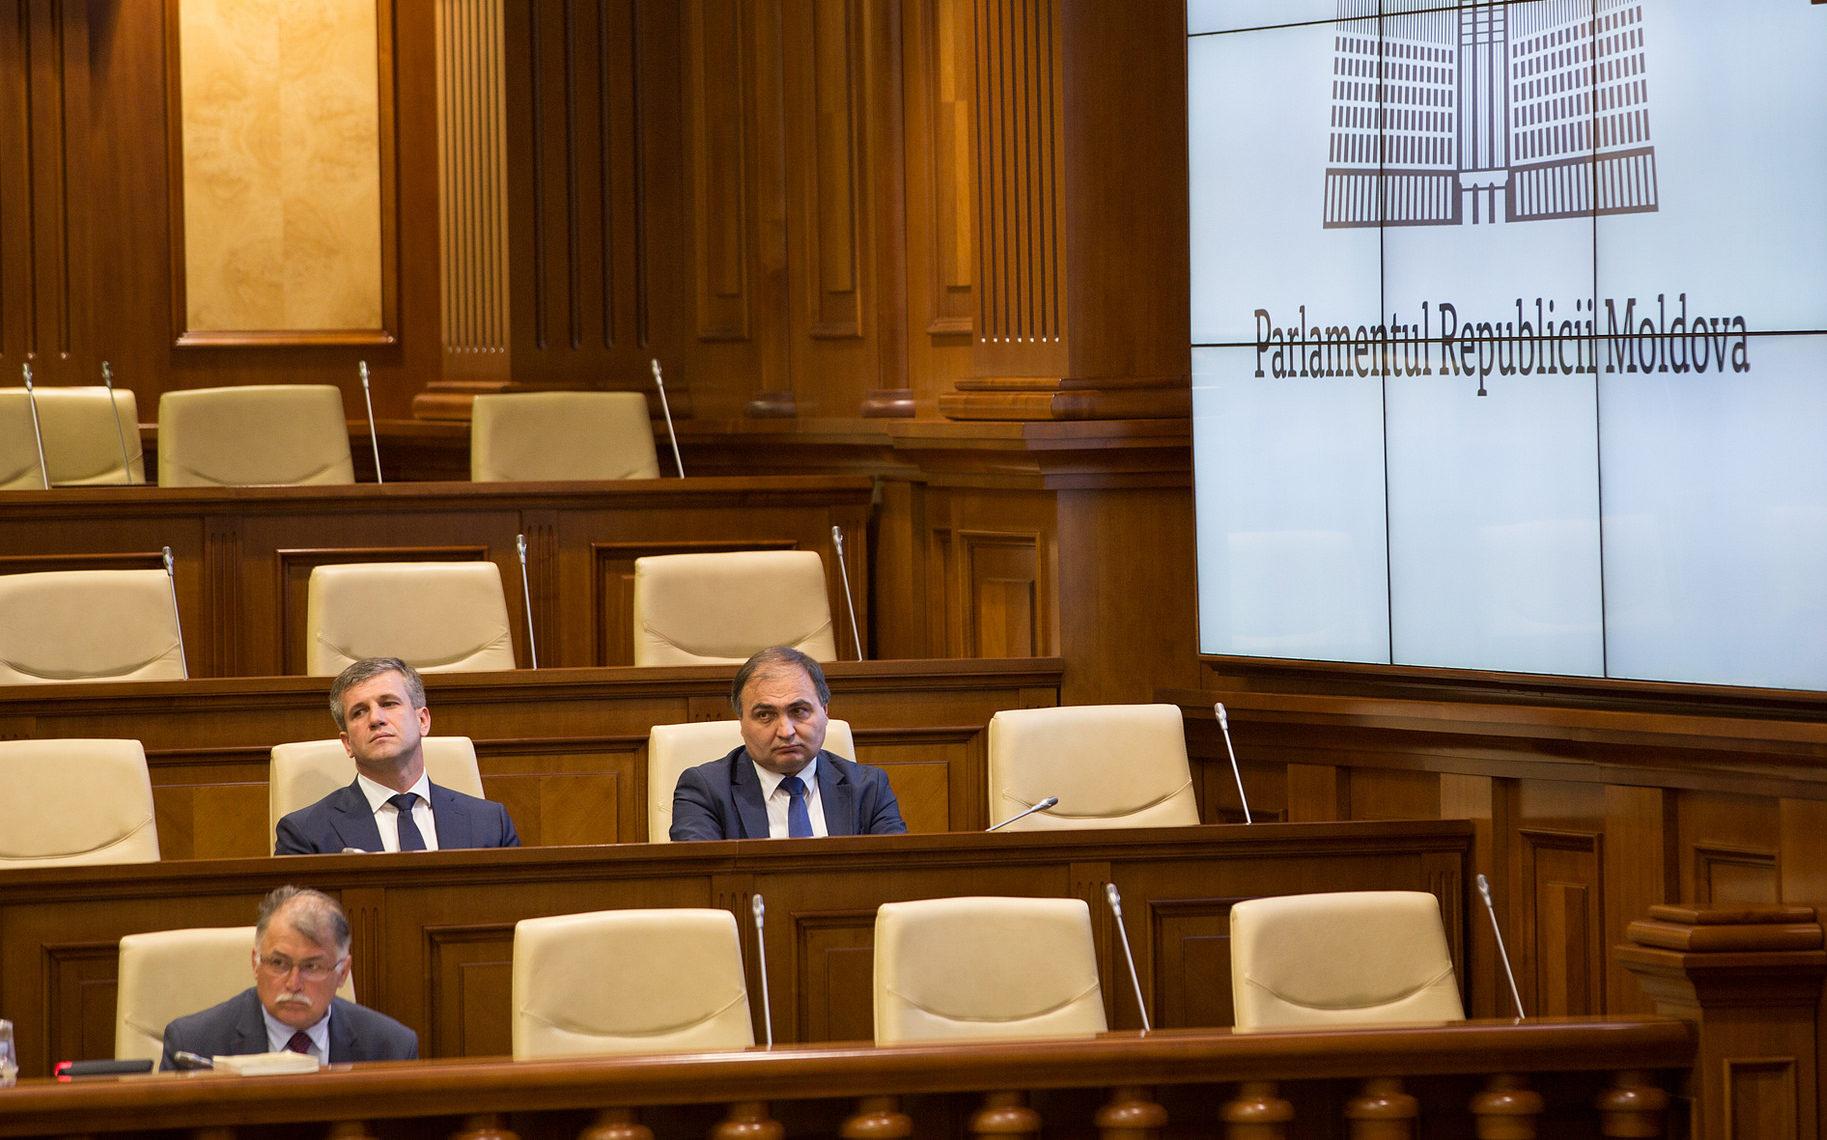 Zis și făcut! Vasile Botnari numit de Parlament în funcția de director SIS. Ion Druță ajunge președinte al CSJ